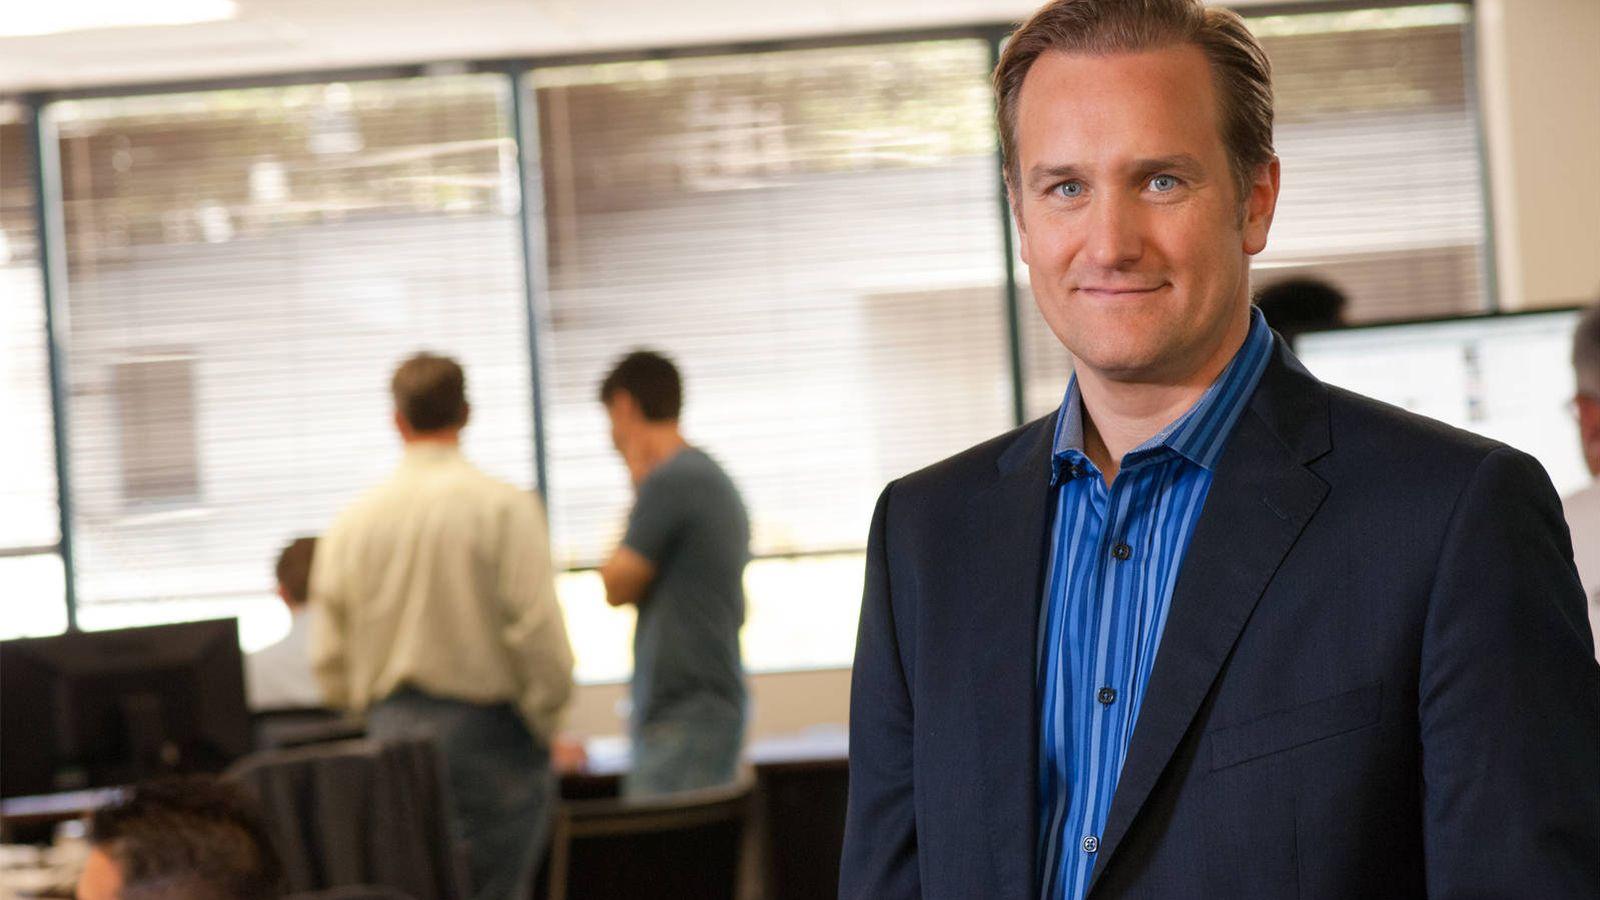 Foto: Robert Hohman es el cofundador y CEO de Glassdoor (Glassdoor)